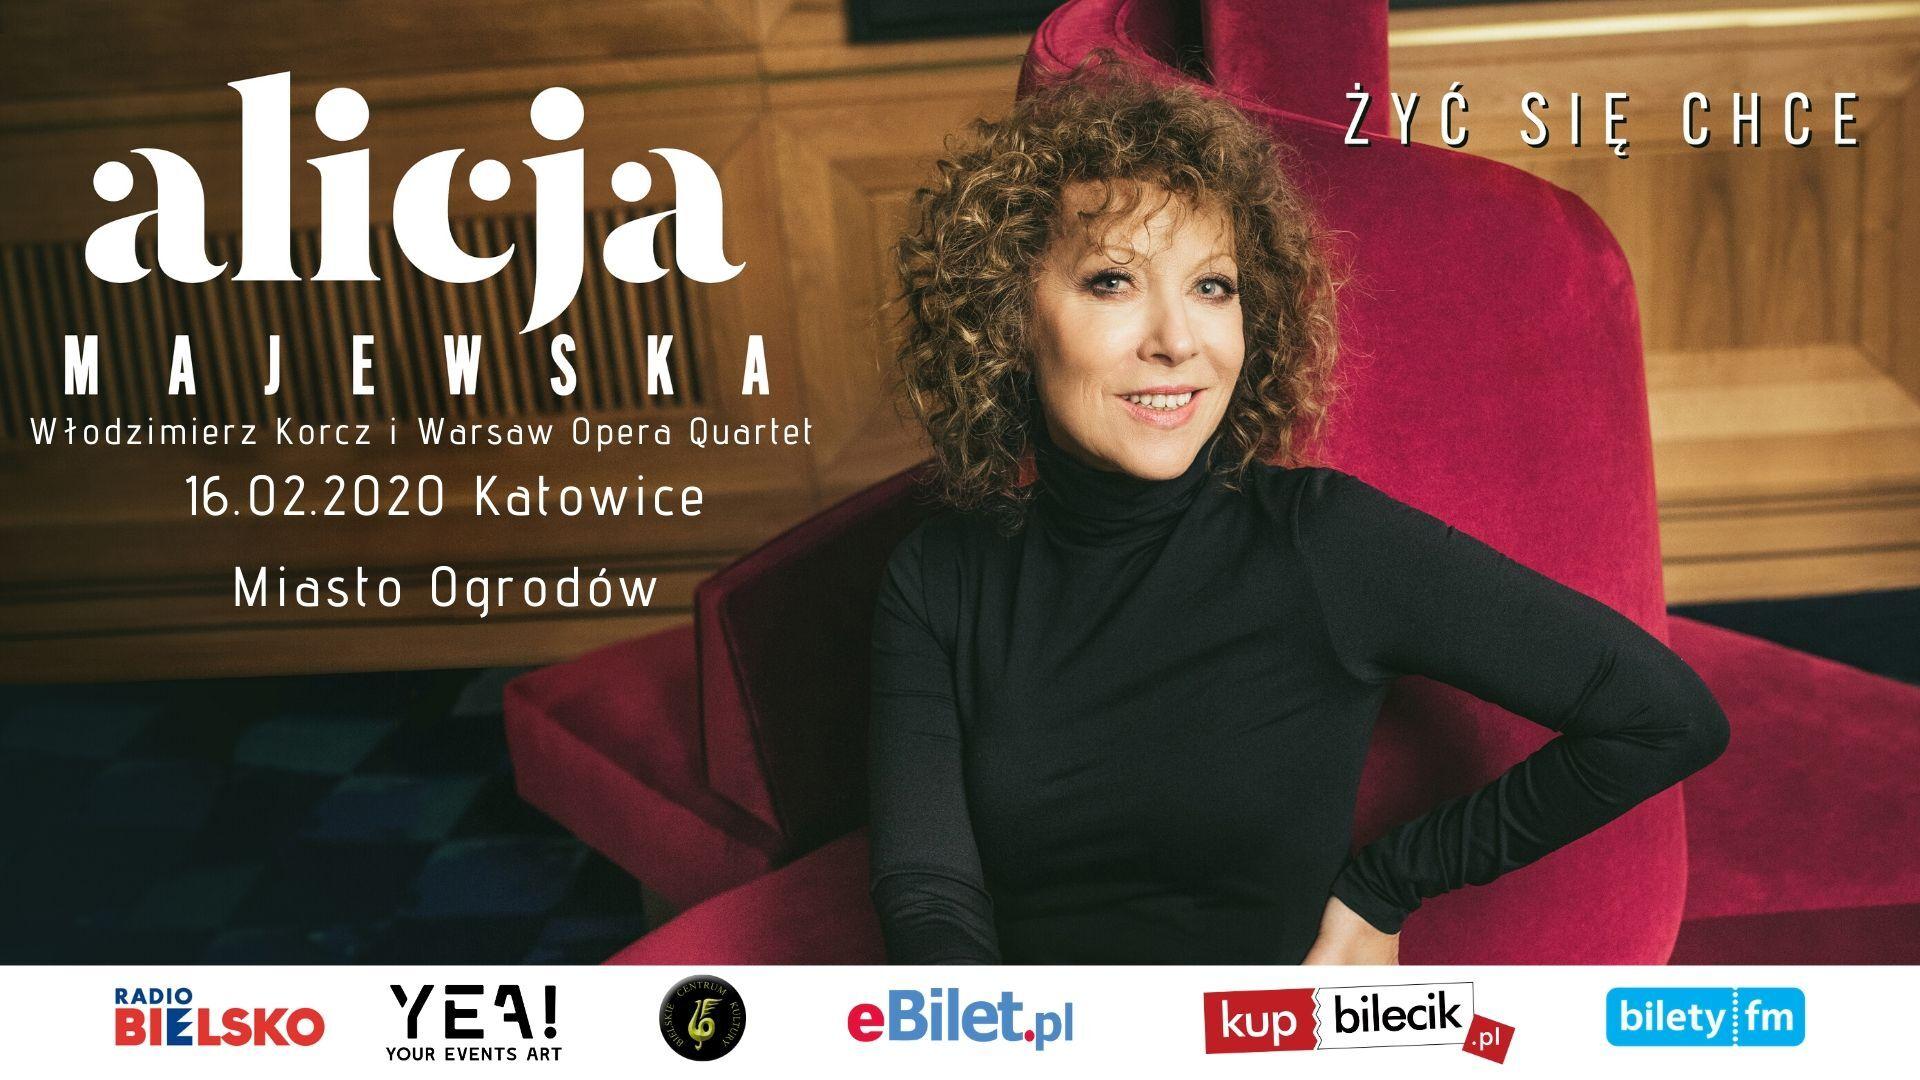 Koncert Alicja Majewska - Żyć Się Chce